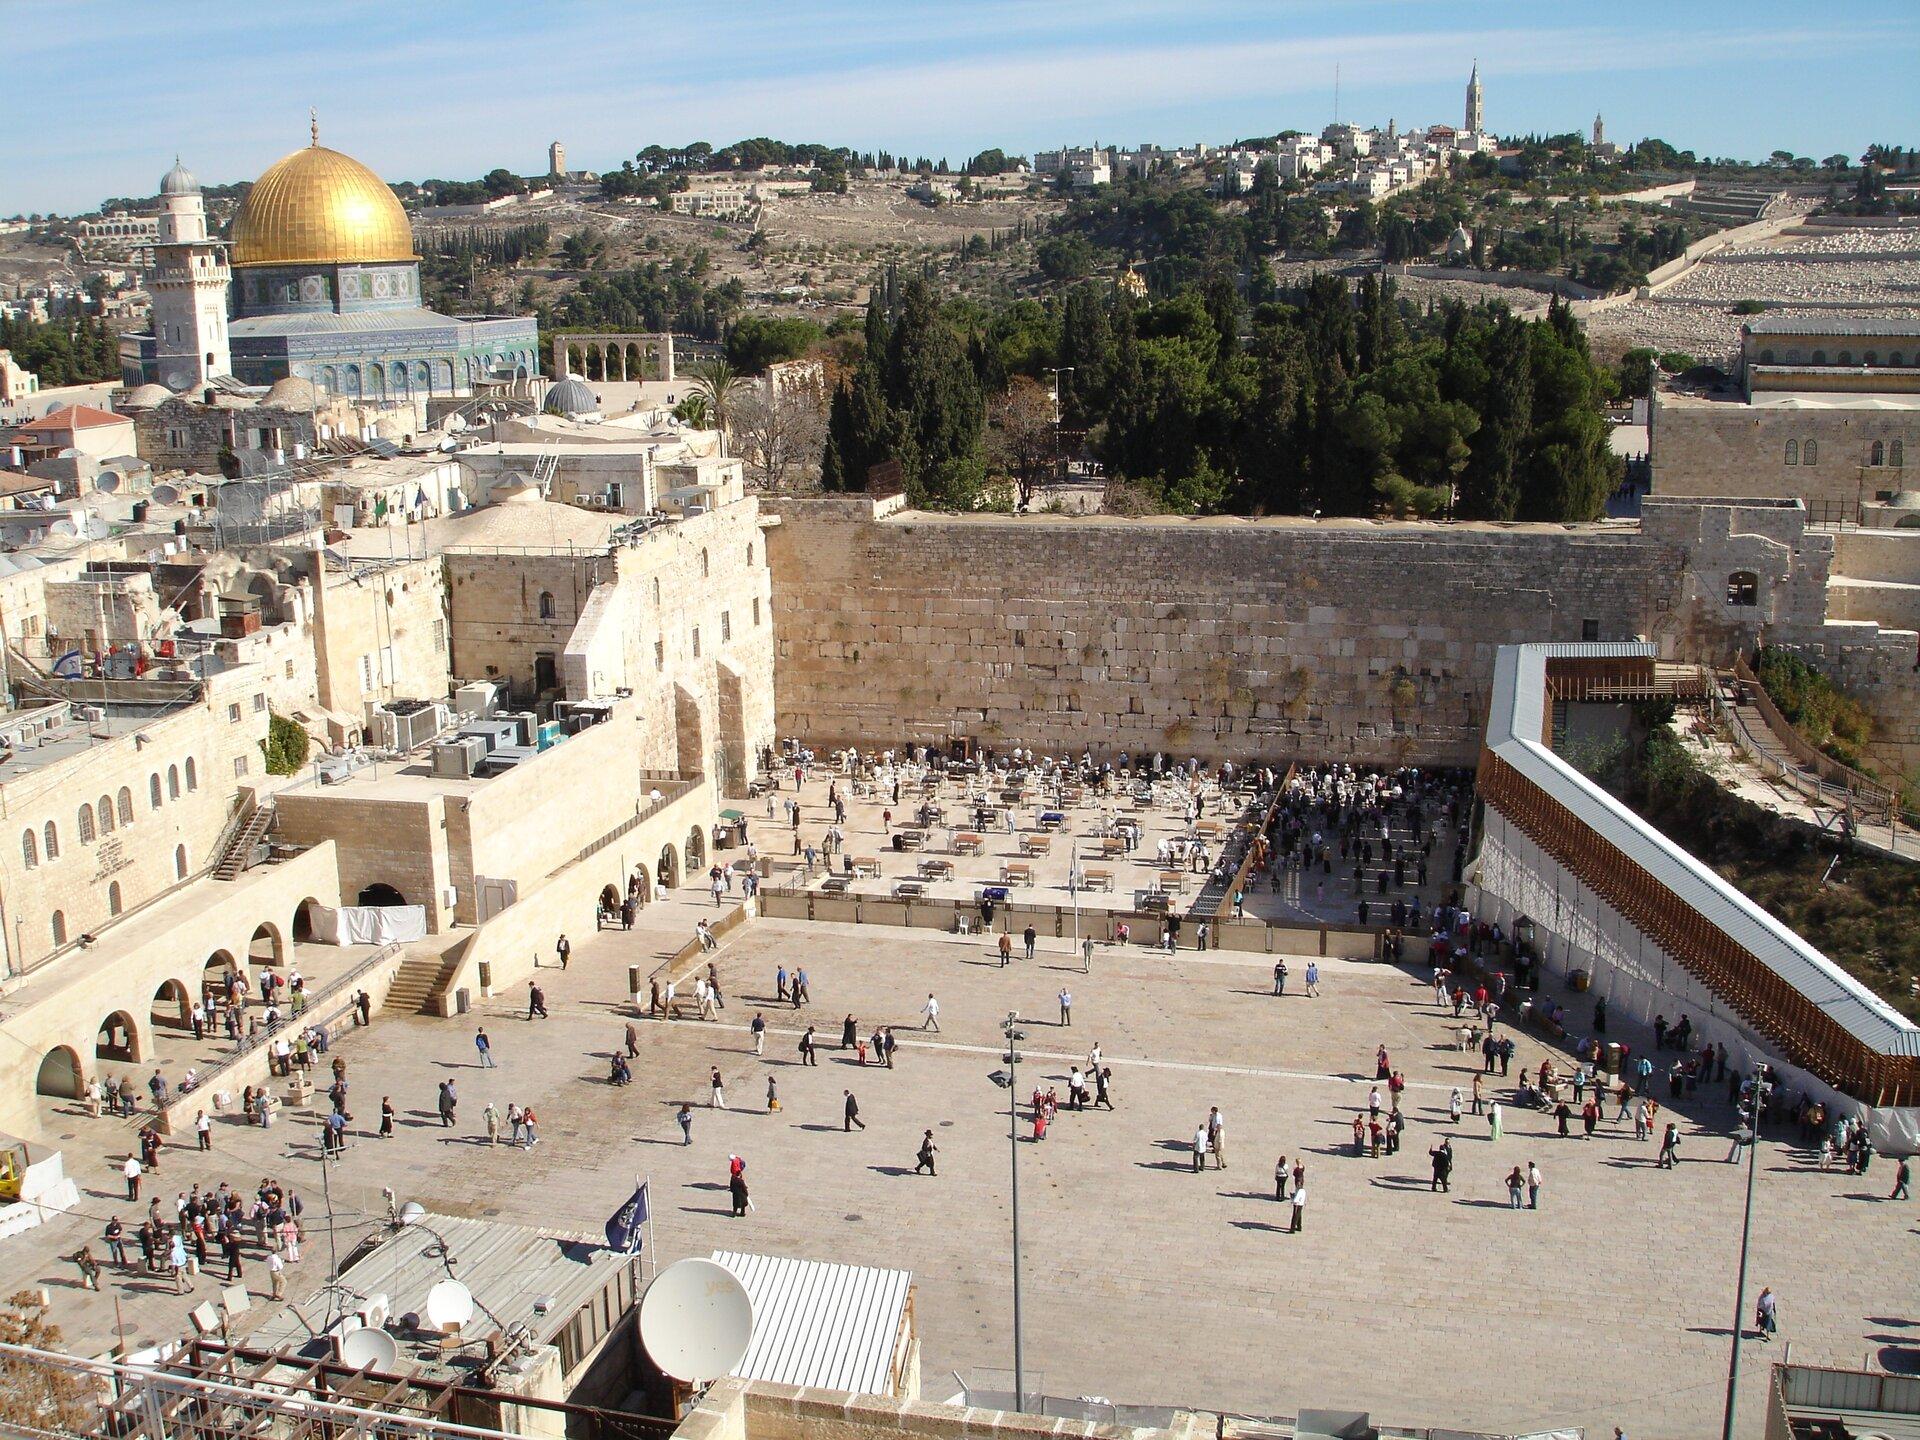 Na zdjęciu duży plac, okalają go budynki, ztyłu kamienna ściana. Na placu wiele osób. Wtle świątynia zkopułami, zabudowania irośliny.